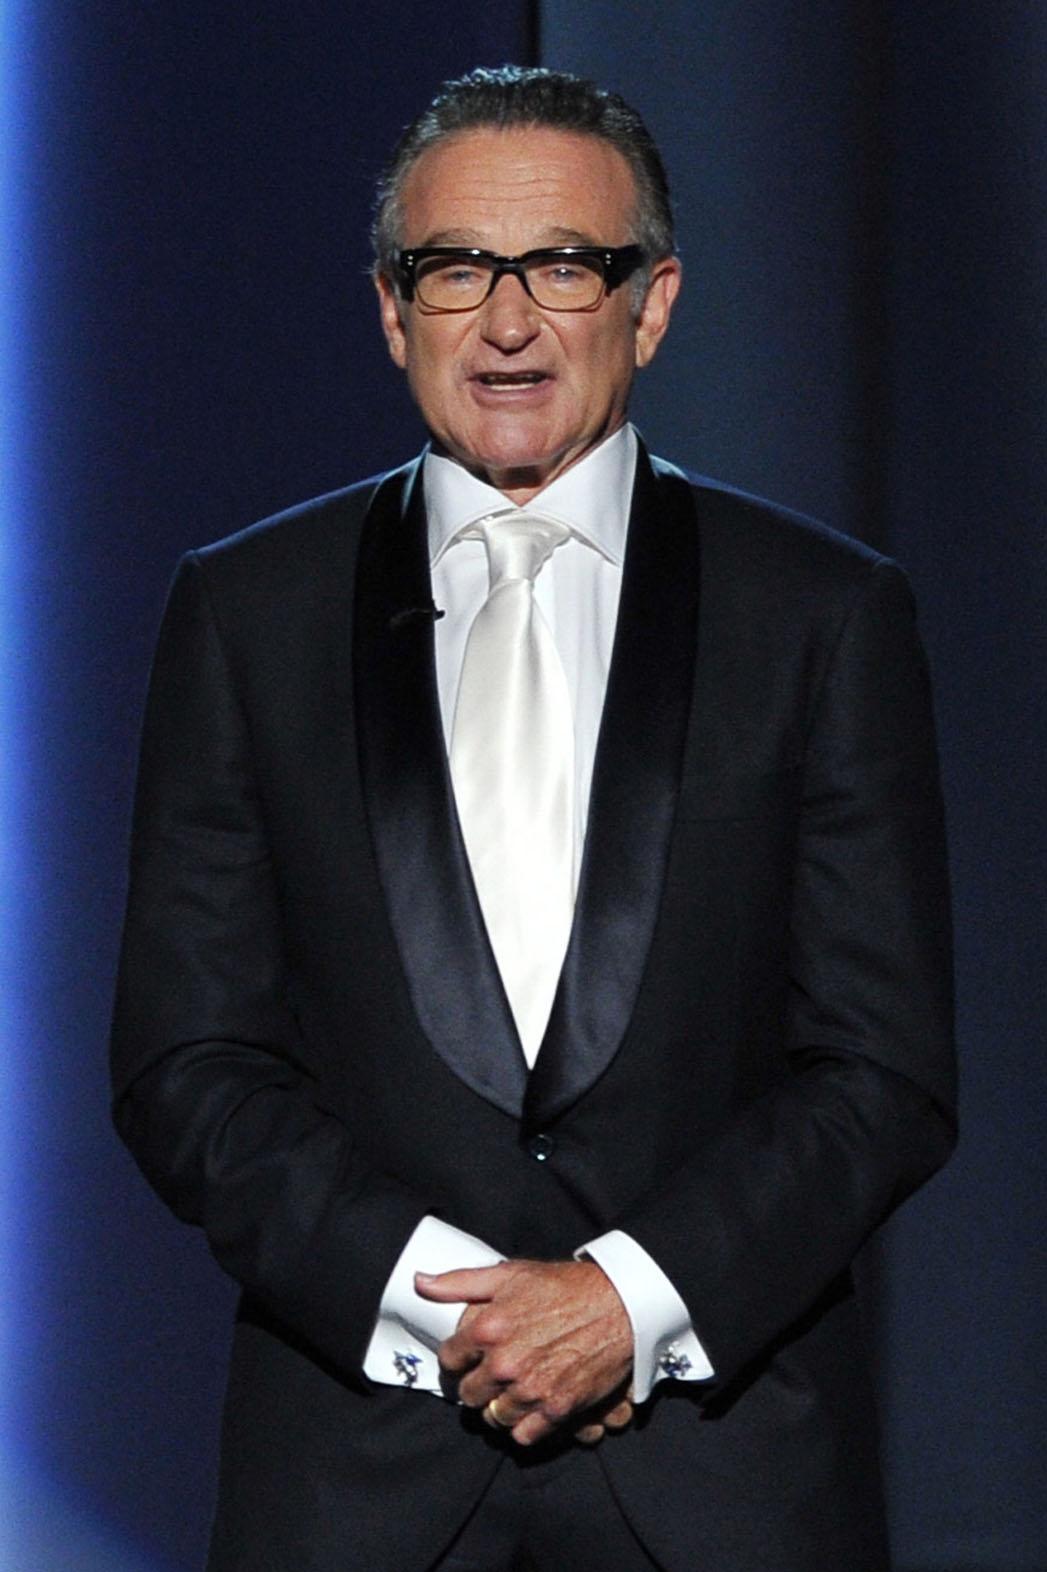 Robin Williams Presenting - P 2014